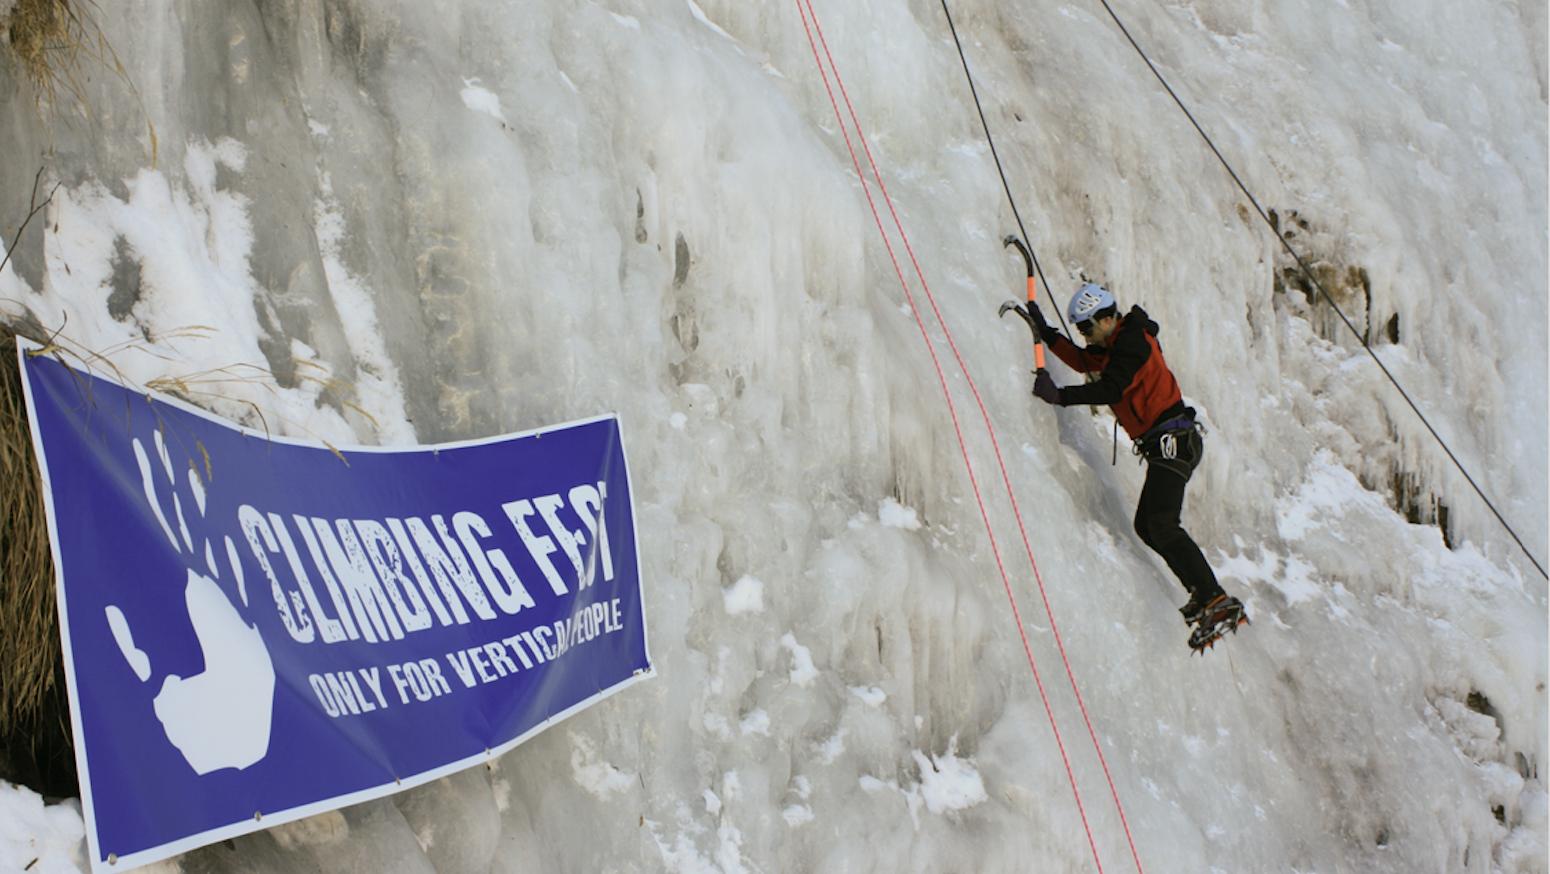 La Guida - 500 scalatori all'Ice climbing fest di Pontechianale